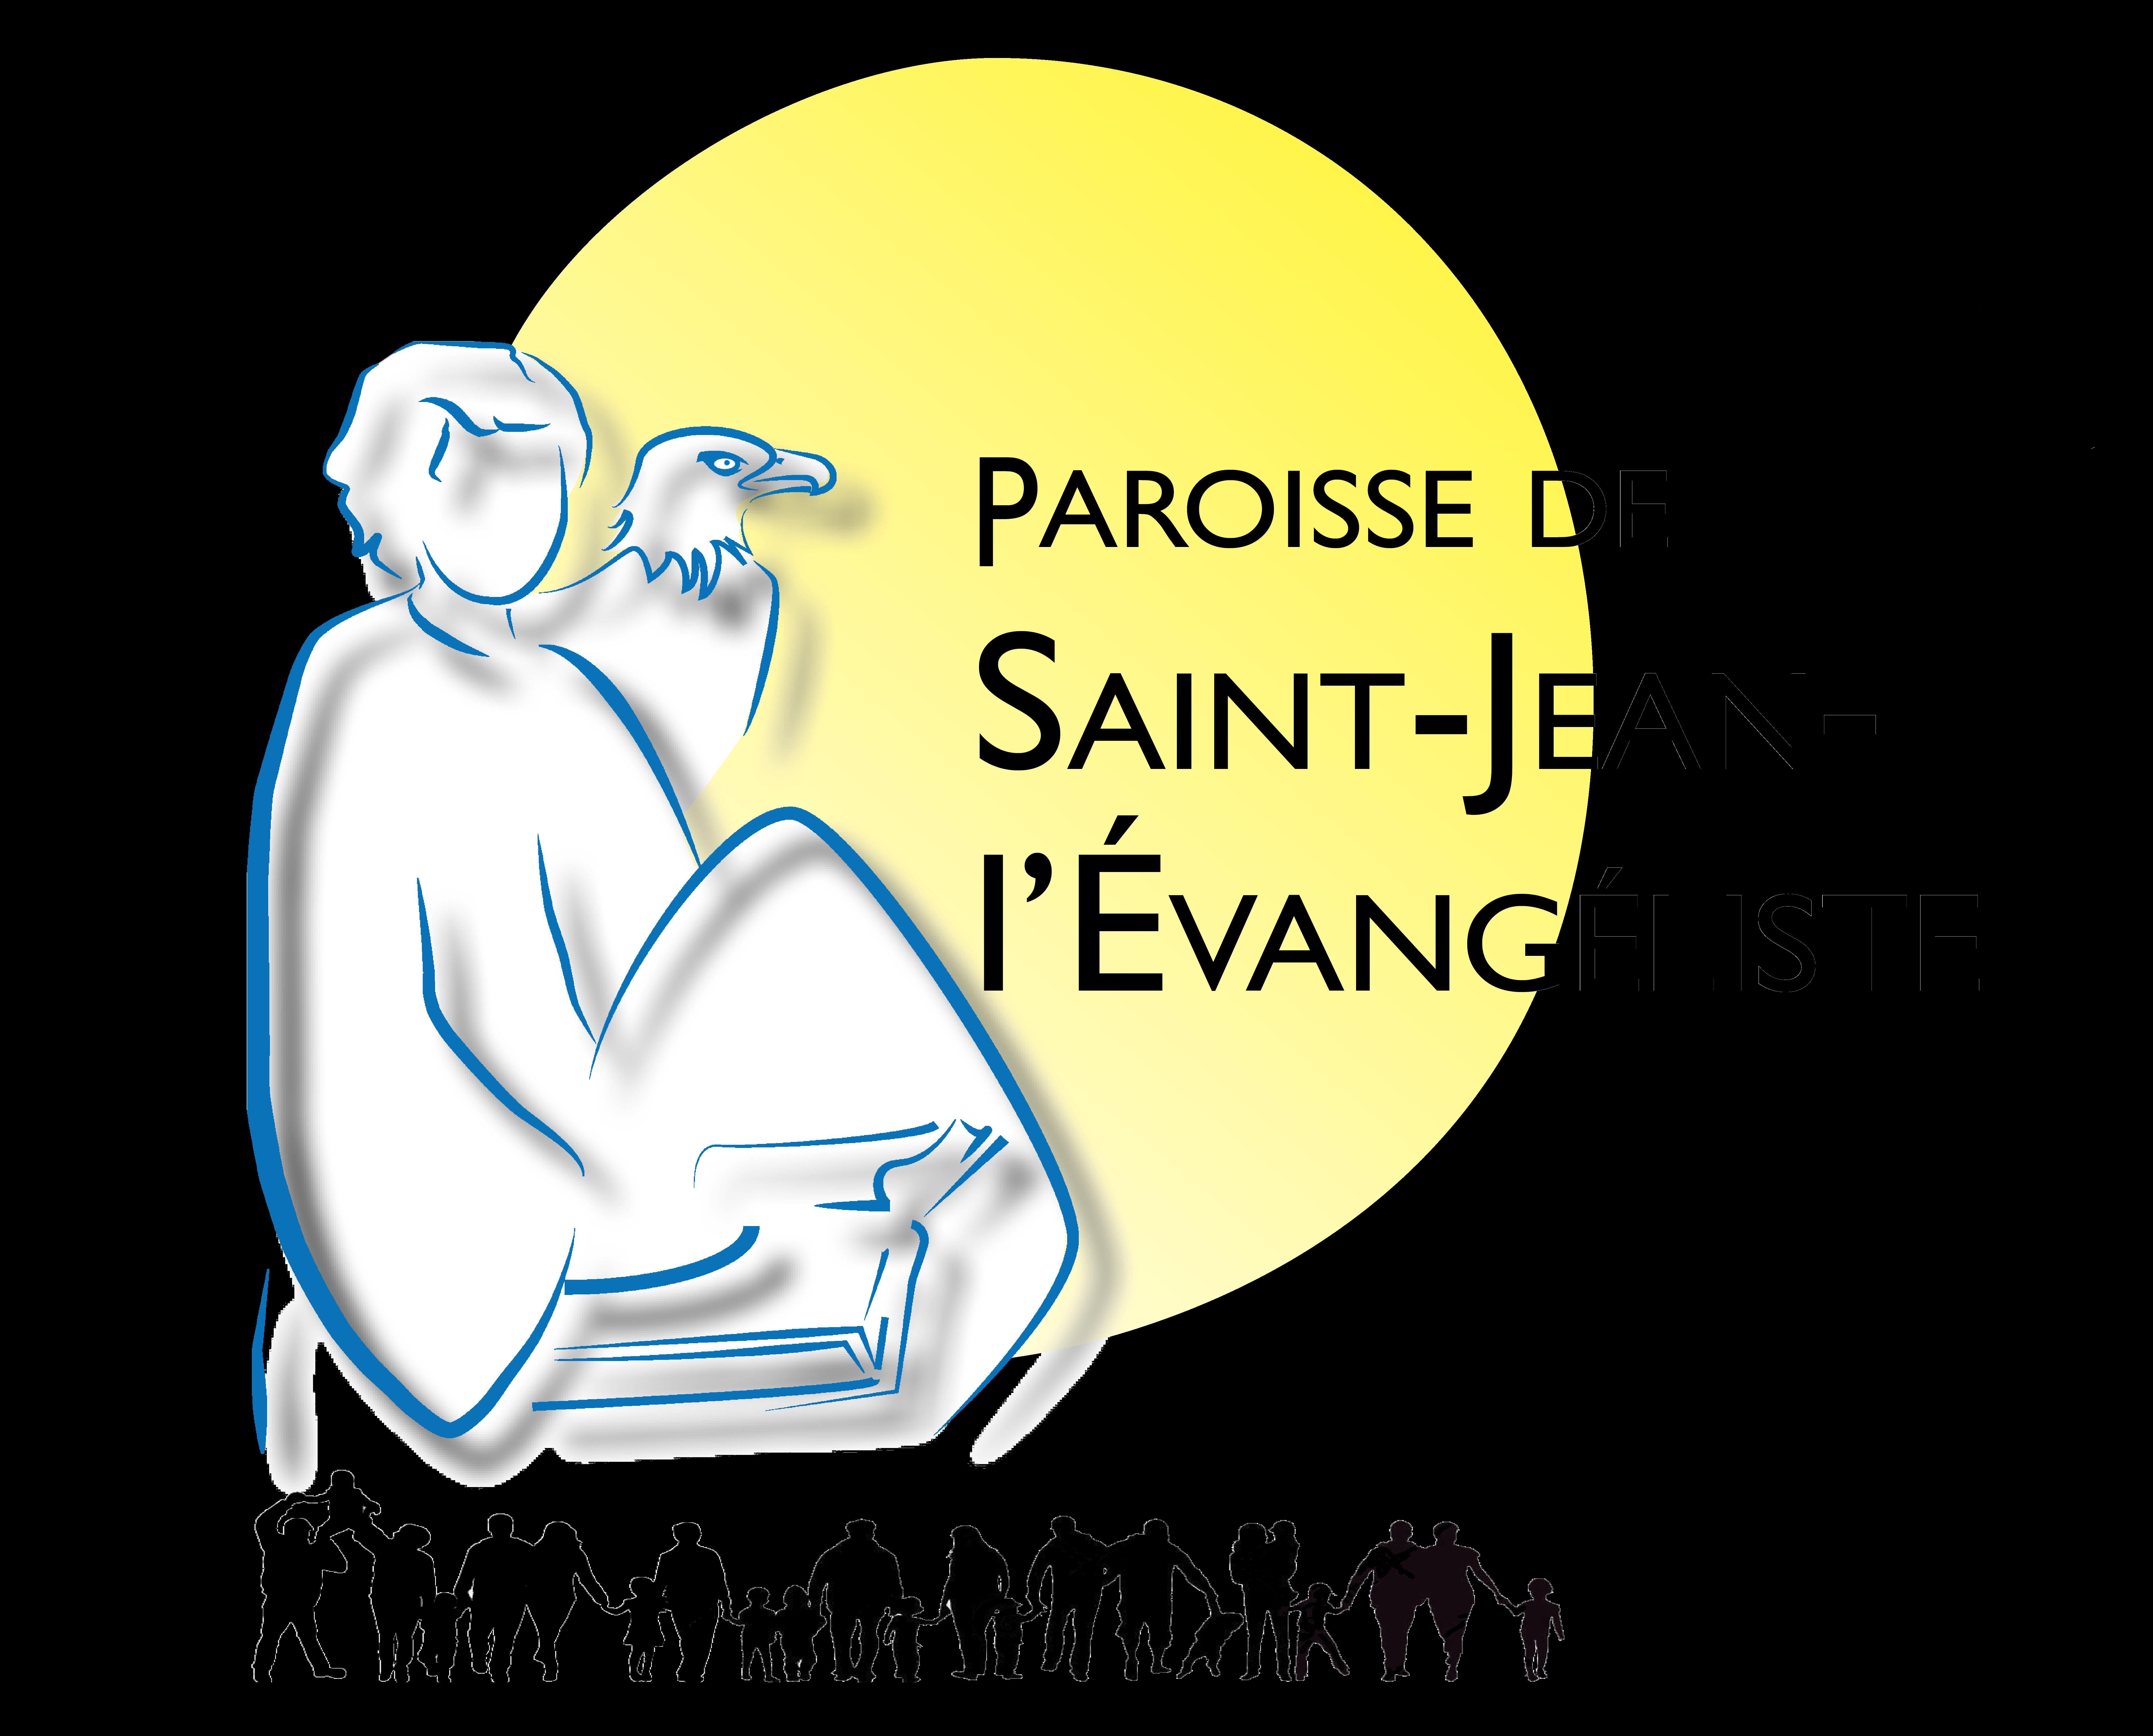 Paroisse Saint-Jean l'Évangéliste